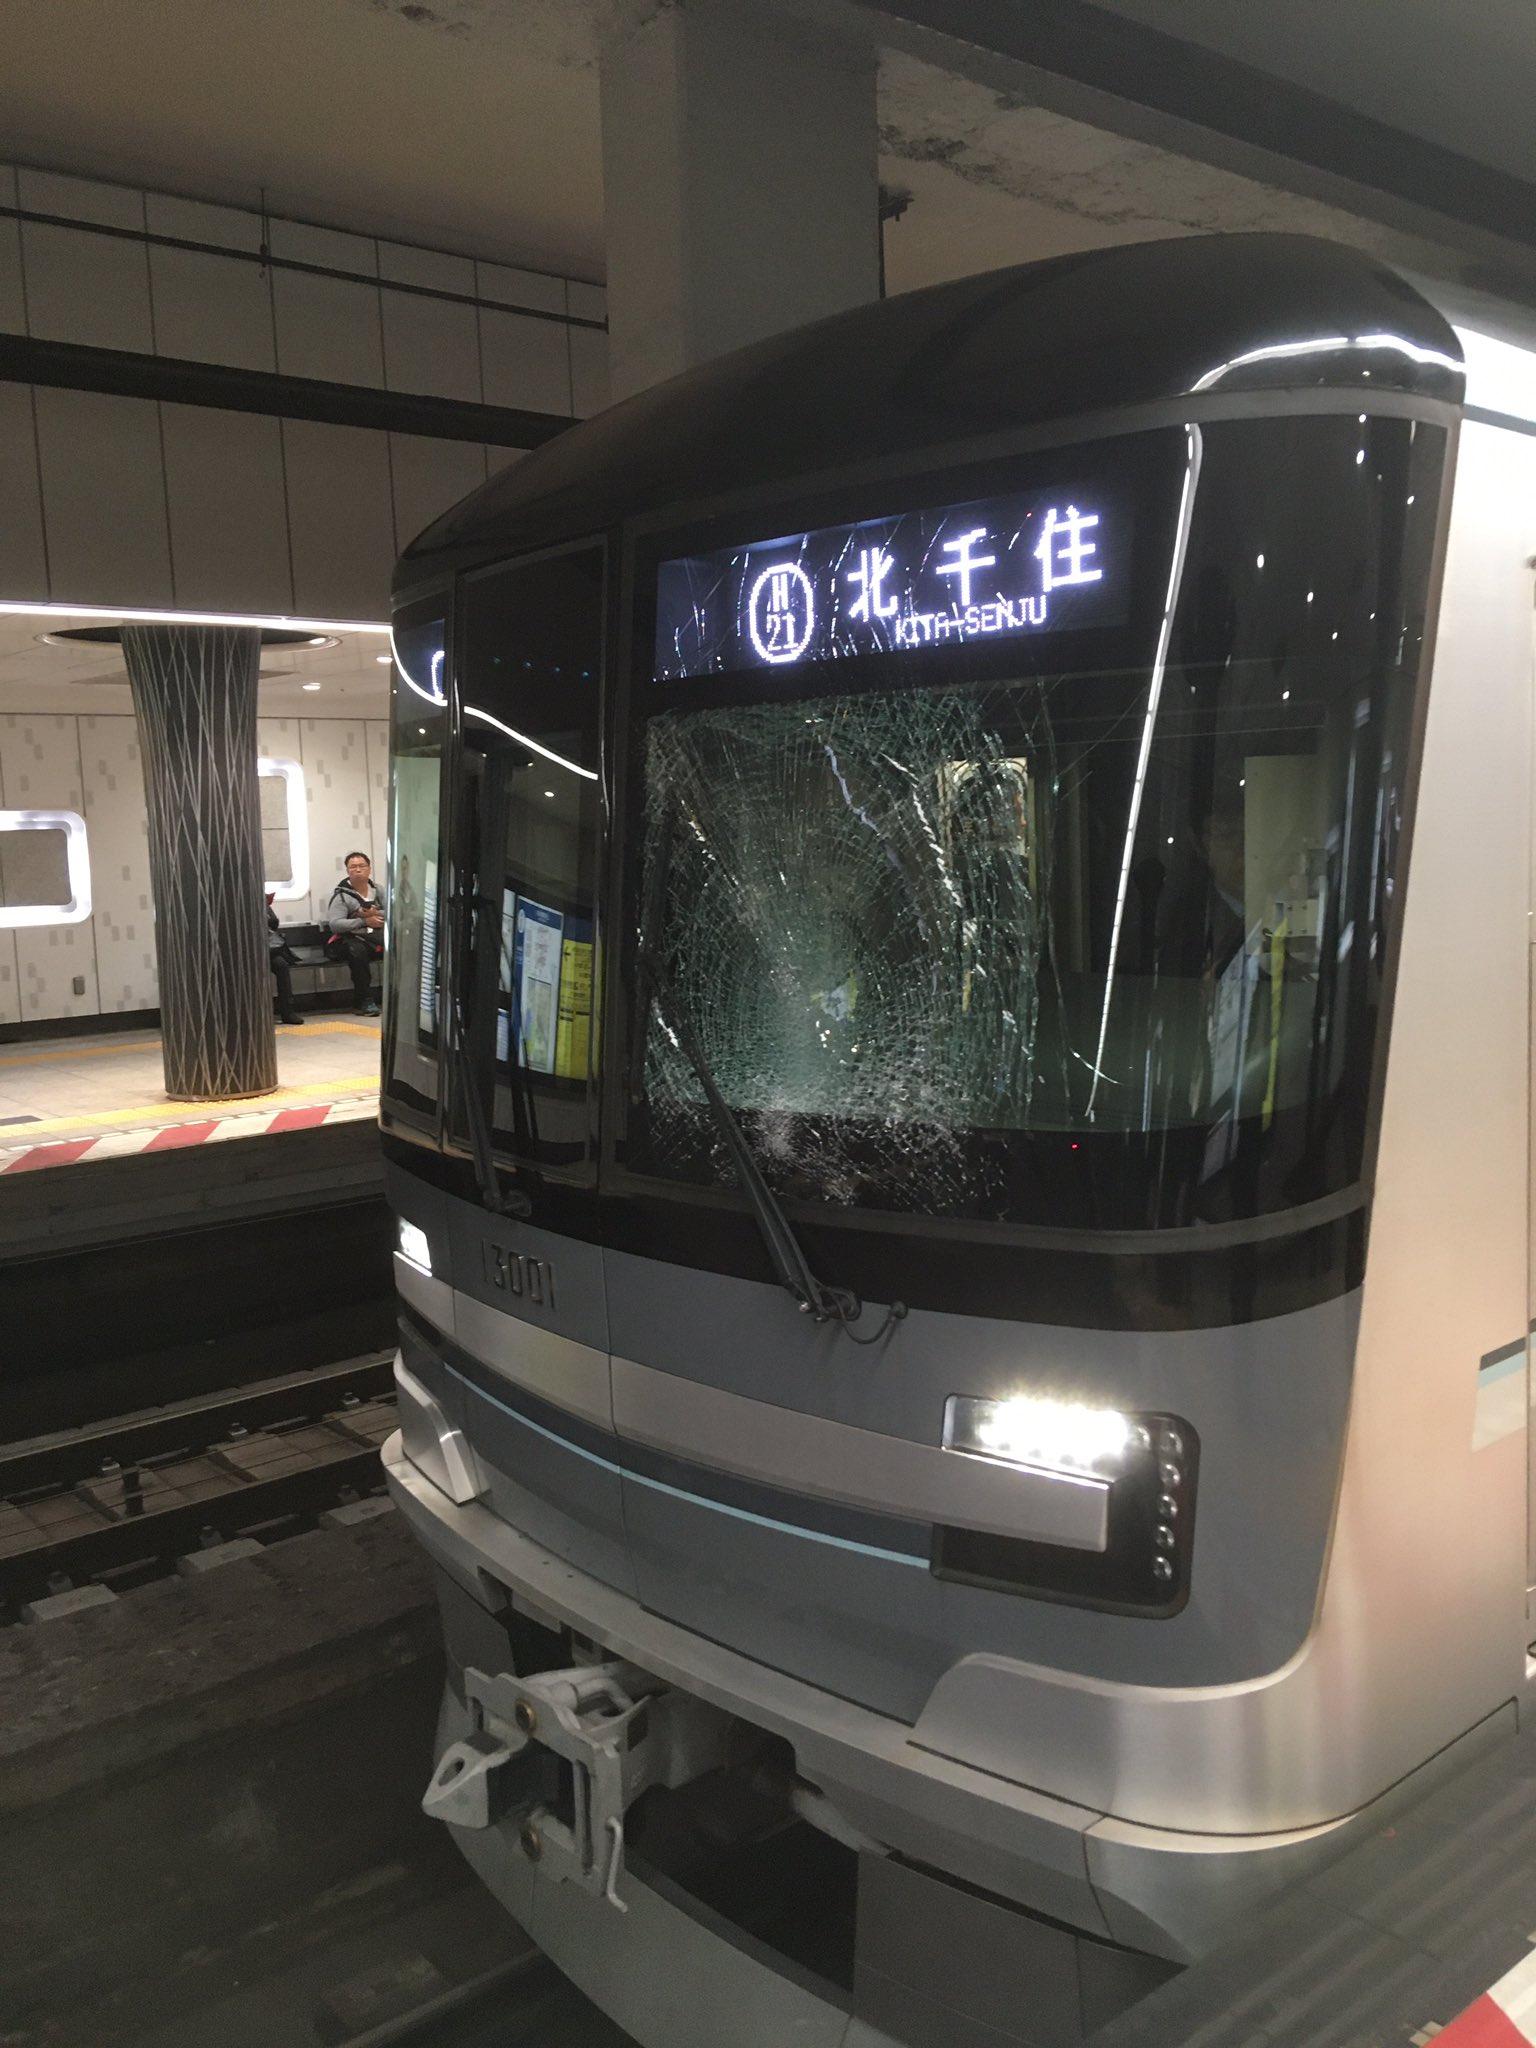 日比谷線の上野駅の人身事故でフロントガラスが割れている画像